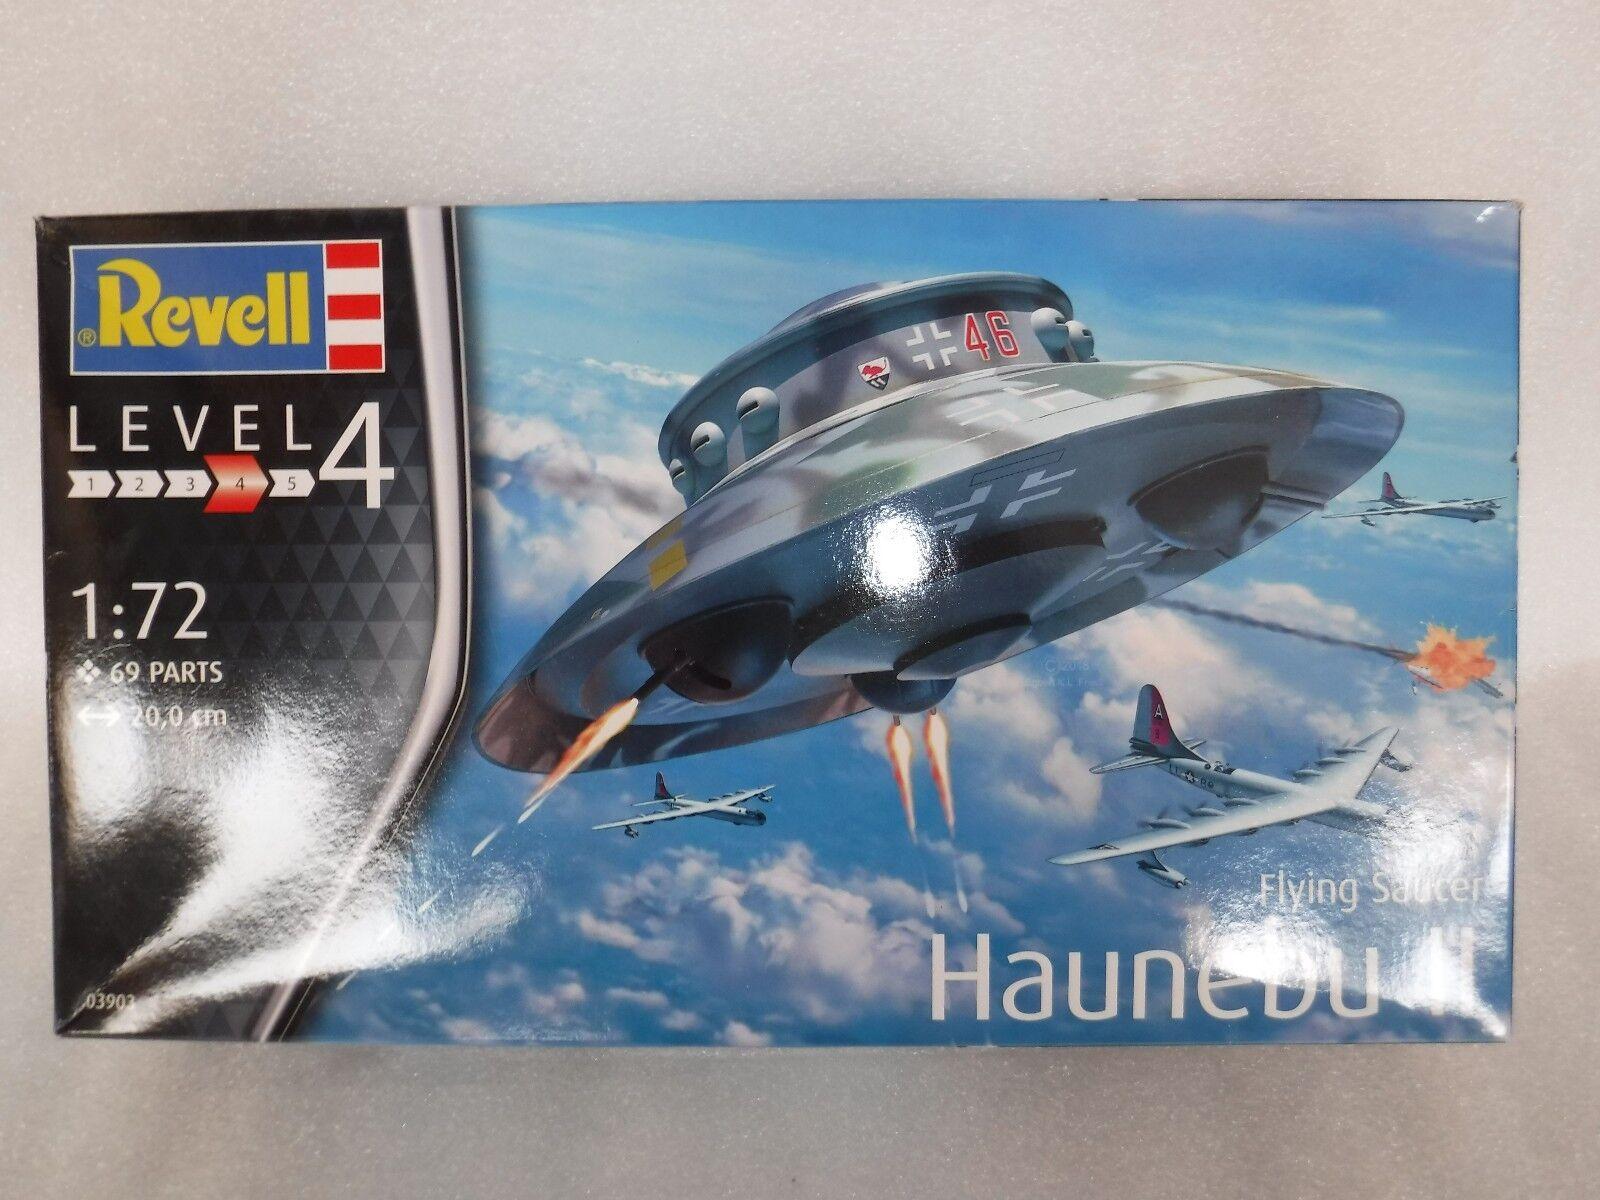 Revell 1 72 03903 Flying Saucer Haunebu II Model Aircraft Kit